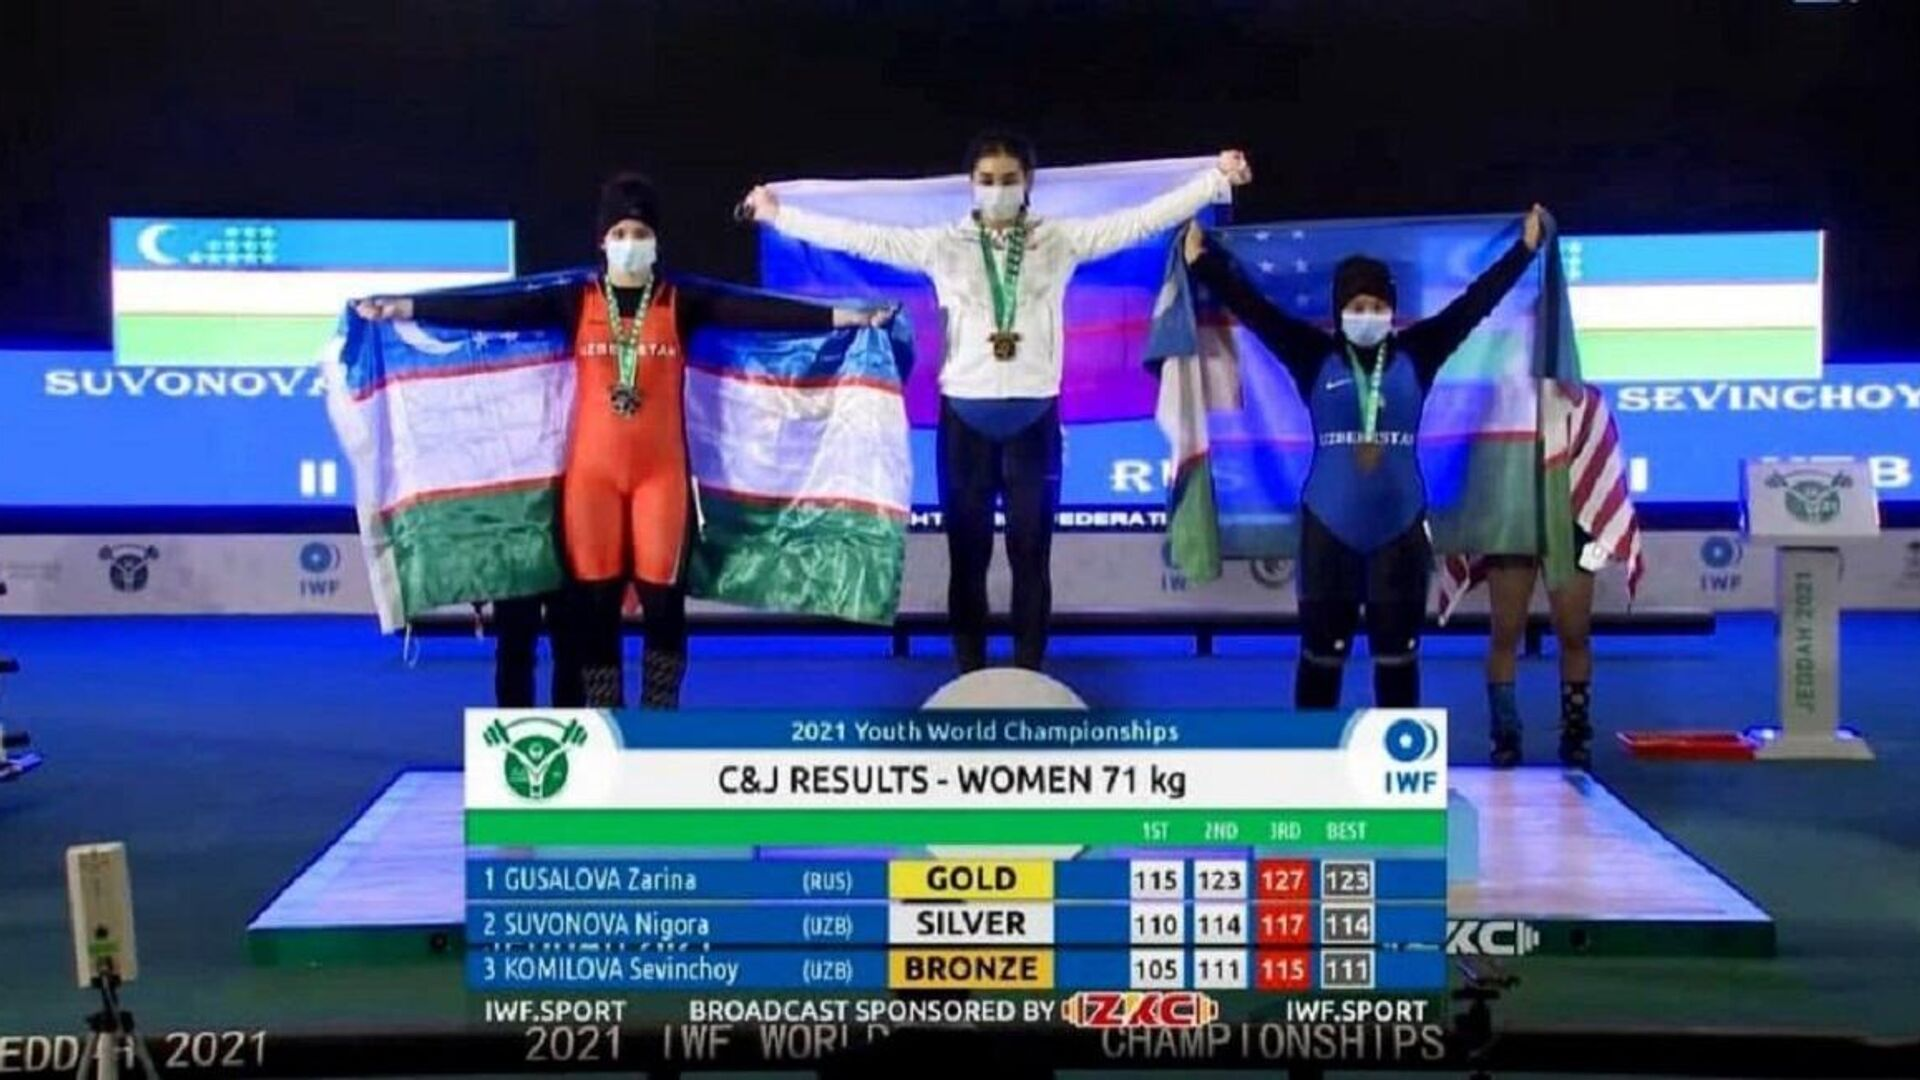 Нигора Сувонова и Севинчой Комилова завоевали 4 медали на чемпионата мира по тяжёлой атлетике среди юниоров в Саудовской Аравии - Sputnik Ўзбекистон, 1920, 10.10.2021